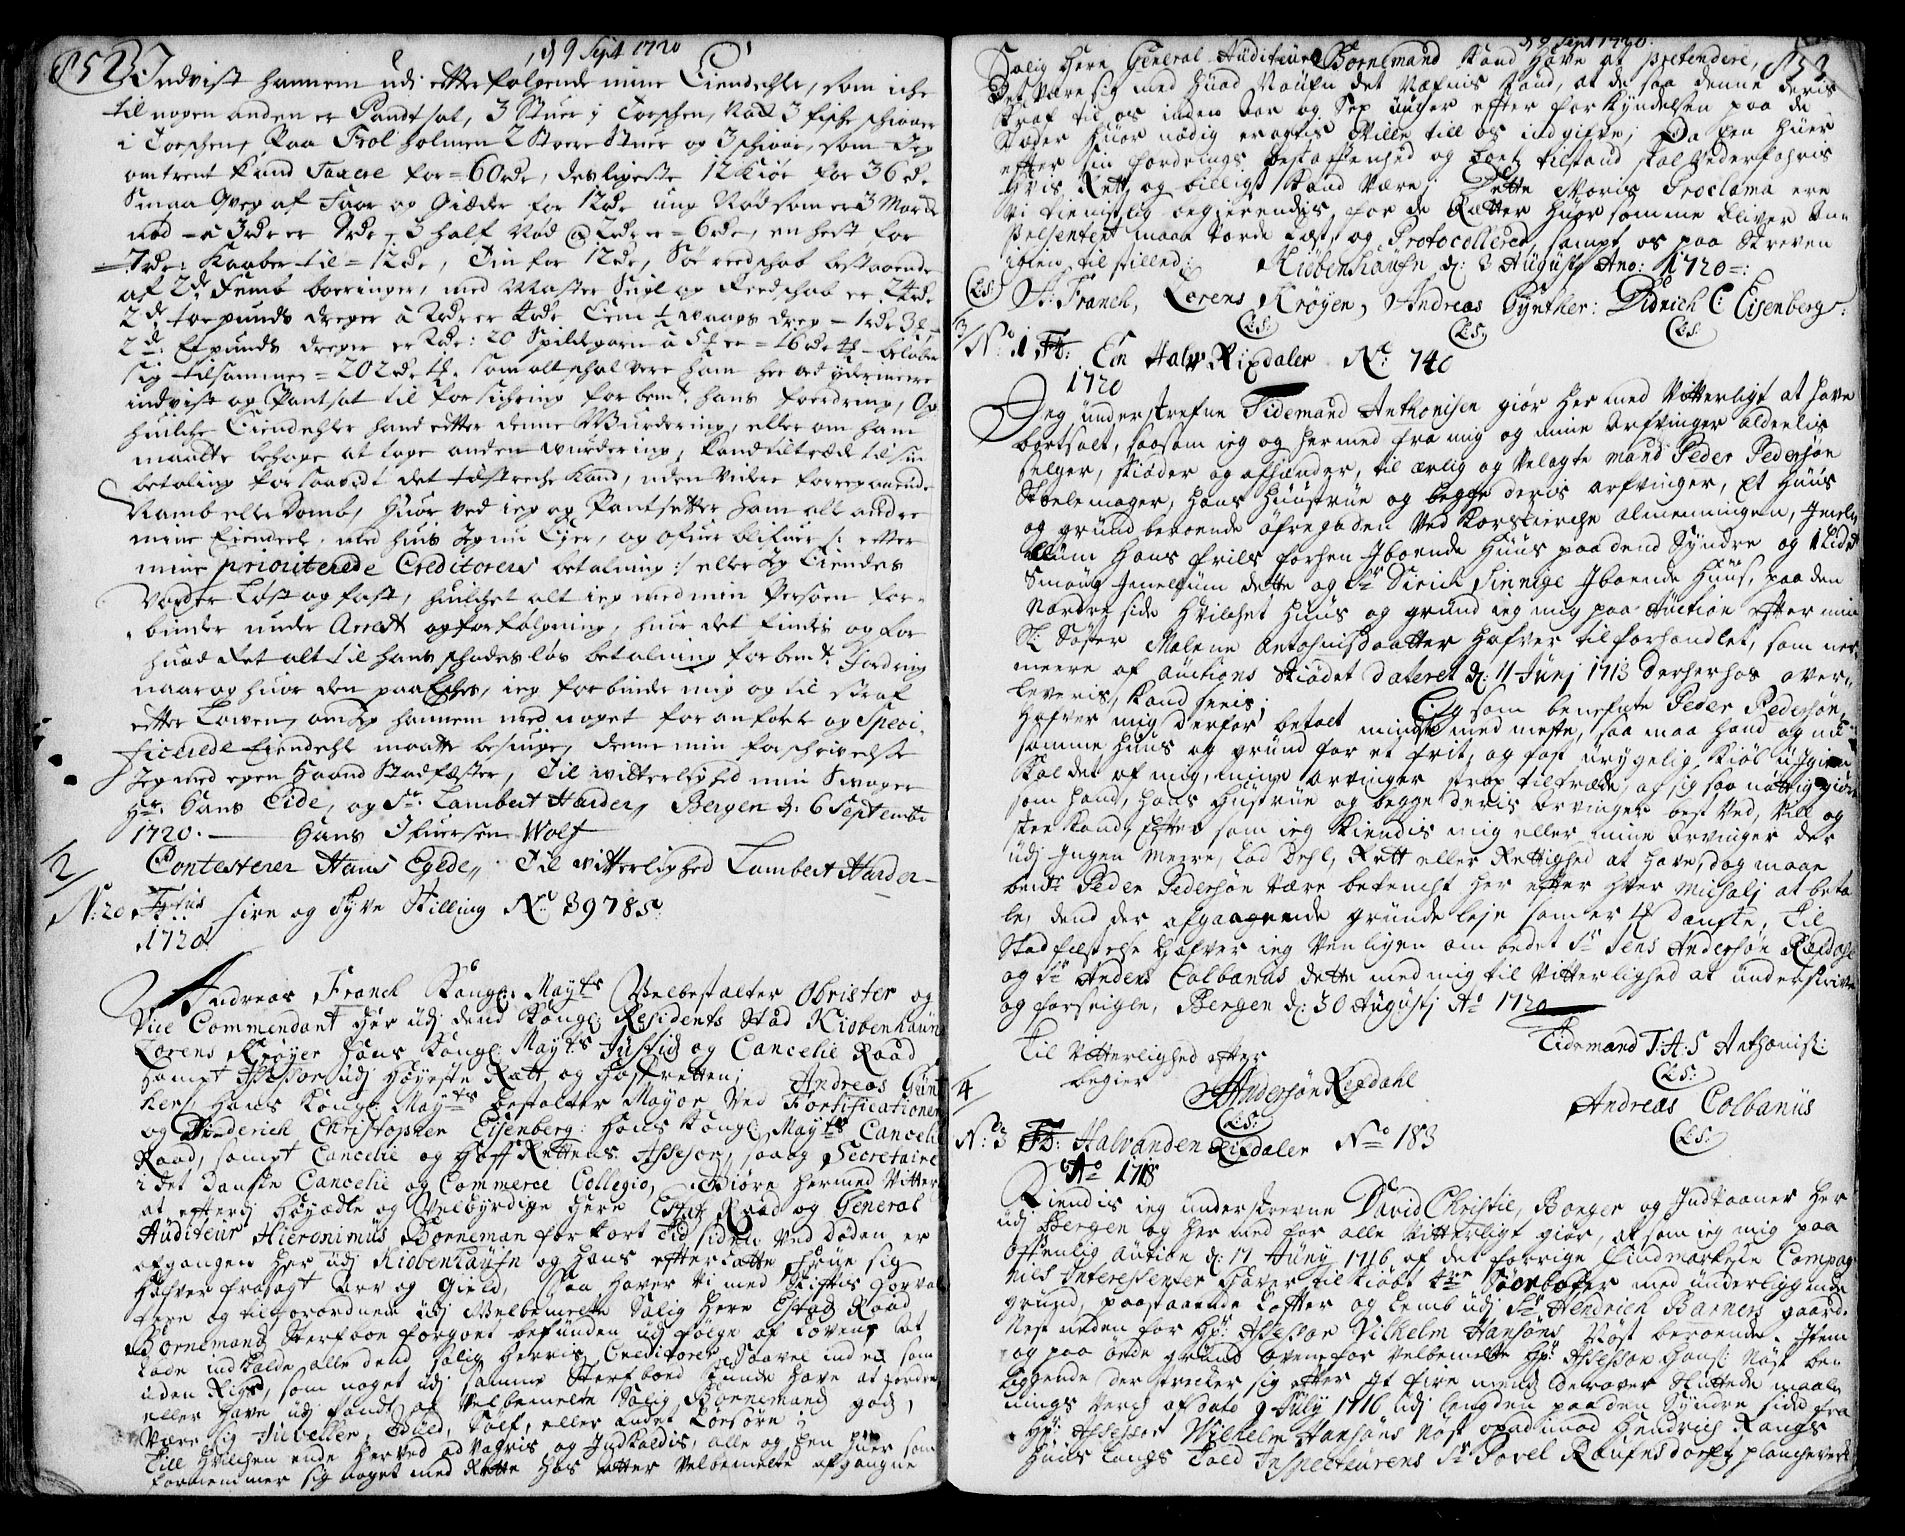 SAB, Byfogd og Byskriver i Bergen, 03/03Ba/L0008a: Pantebok nr. II.B.a.8, 1714-1720, s. 852-853